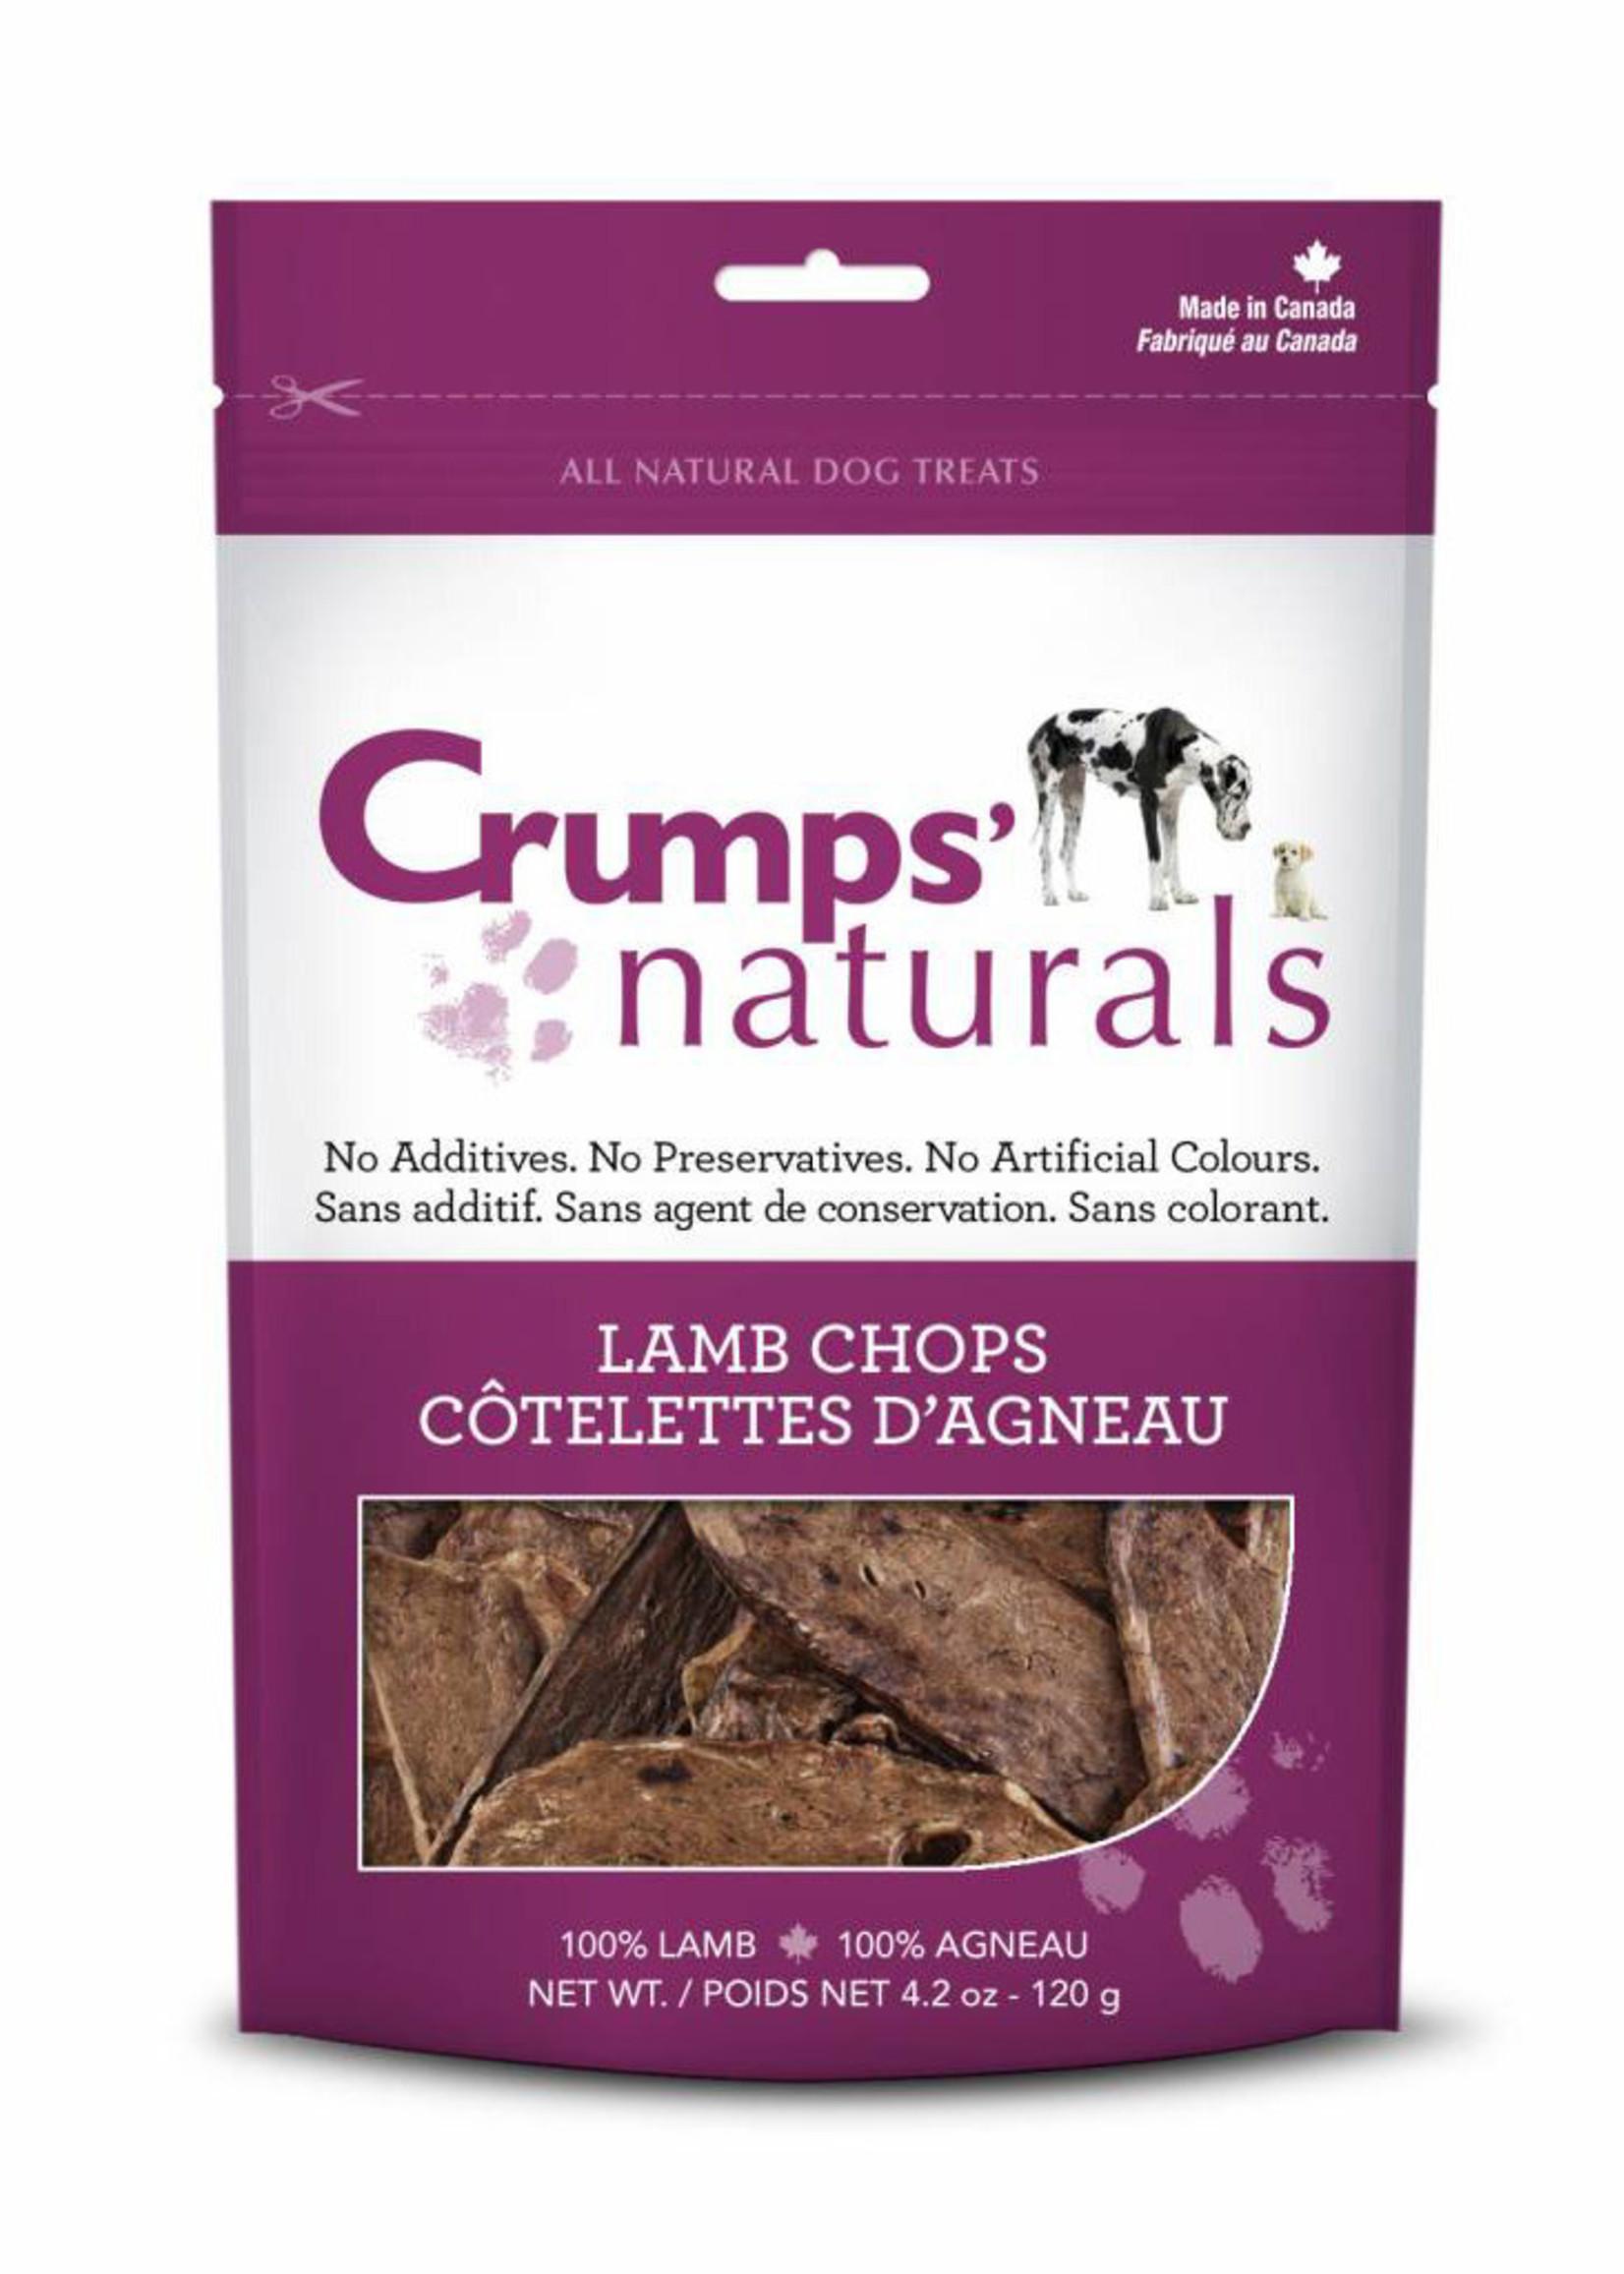 Crumps Lamb Chops 1.9oz